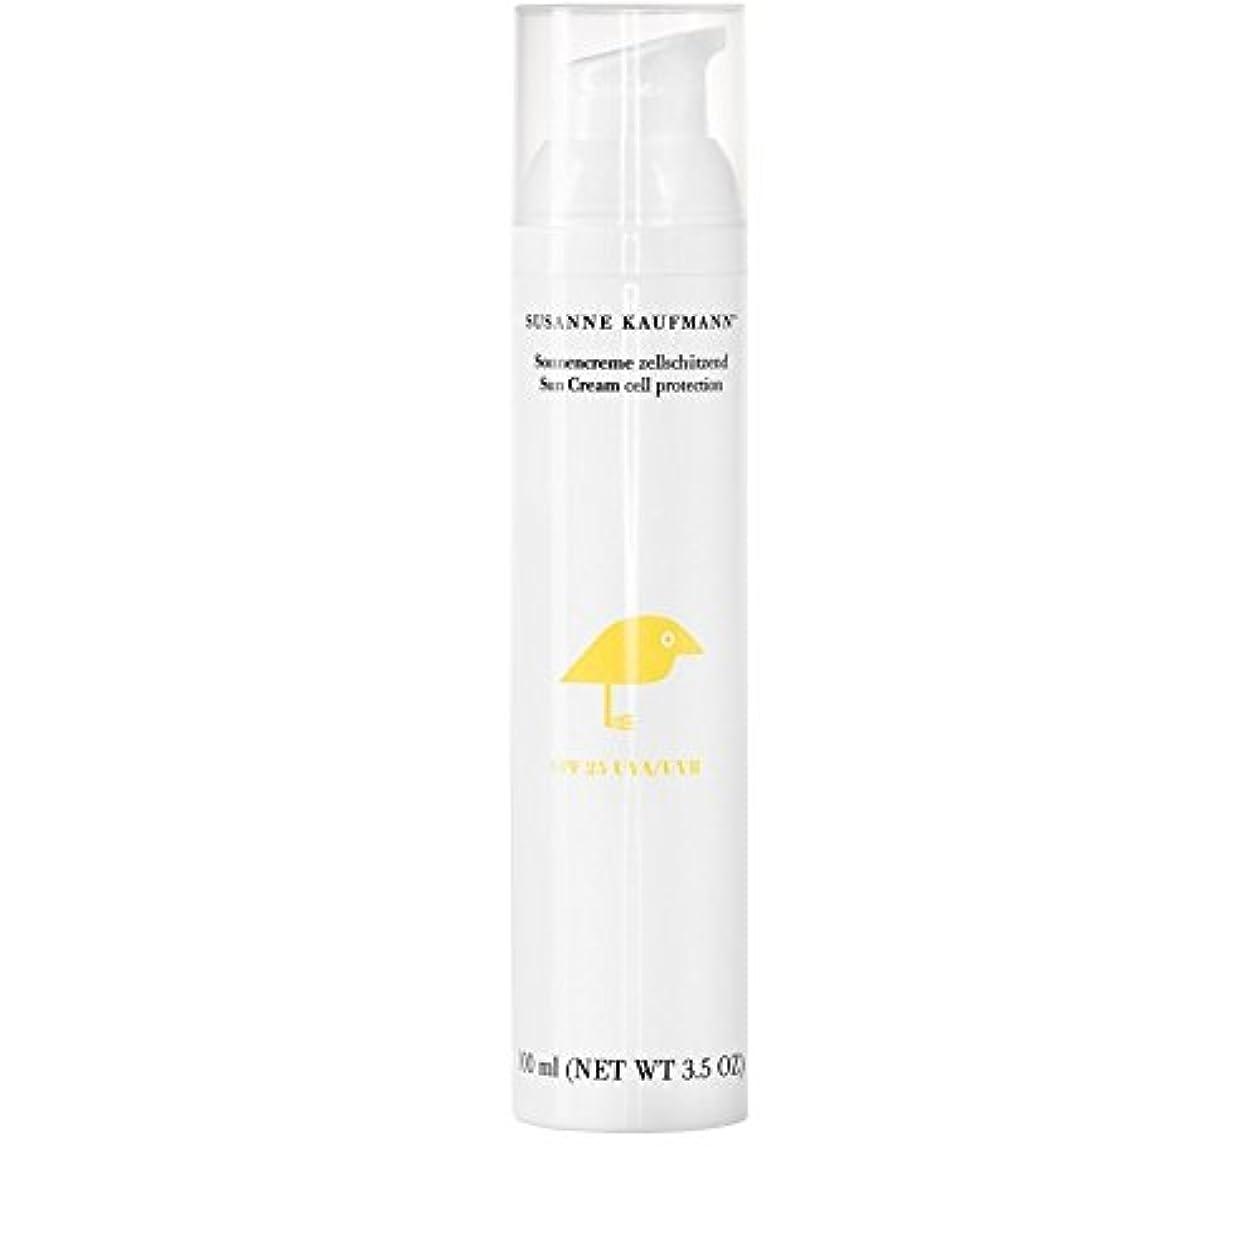 刻む従者共和党Susanne Kaufmann Cell Protection Sun Cream SPF25 100ml - スザンヌカウフマン細胞保護日クリーム25の100ミリリットル [並行輸入品]